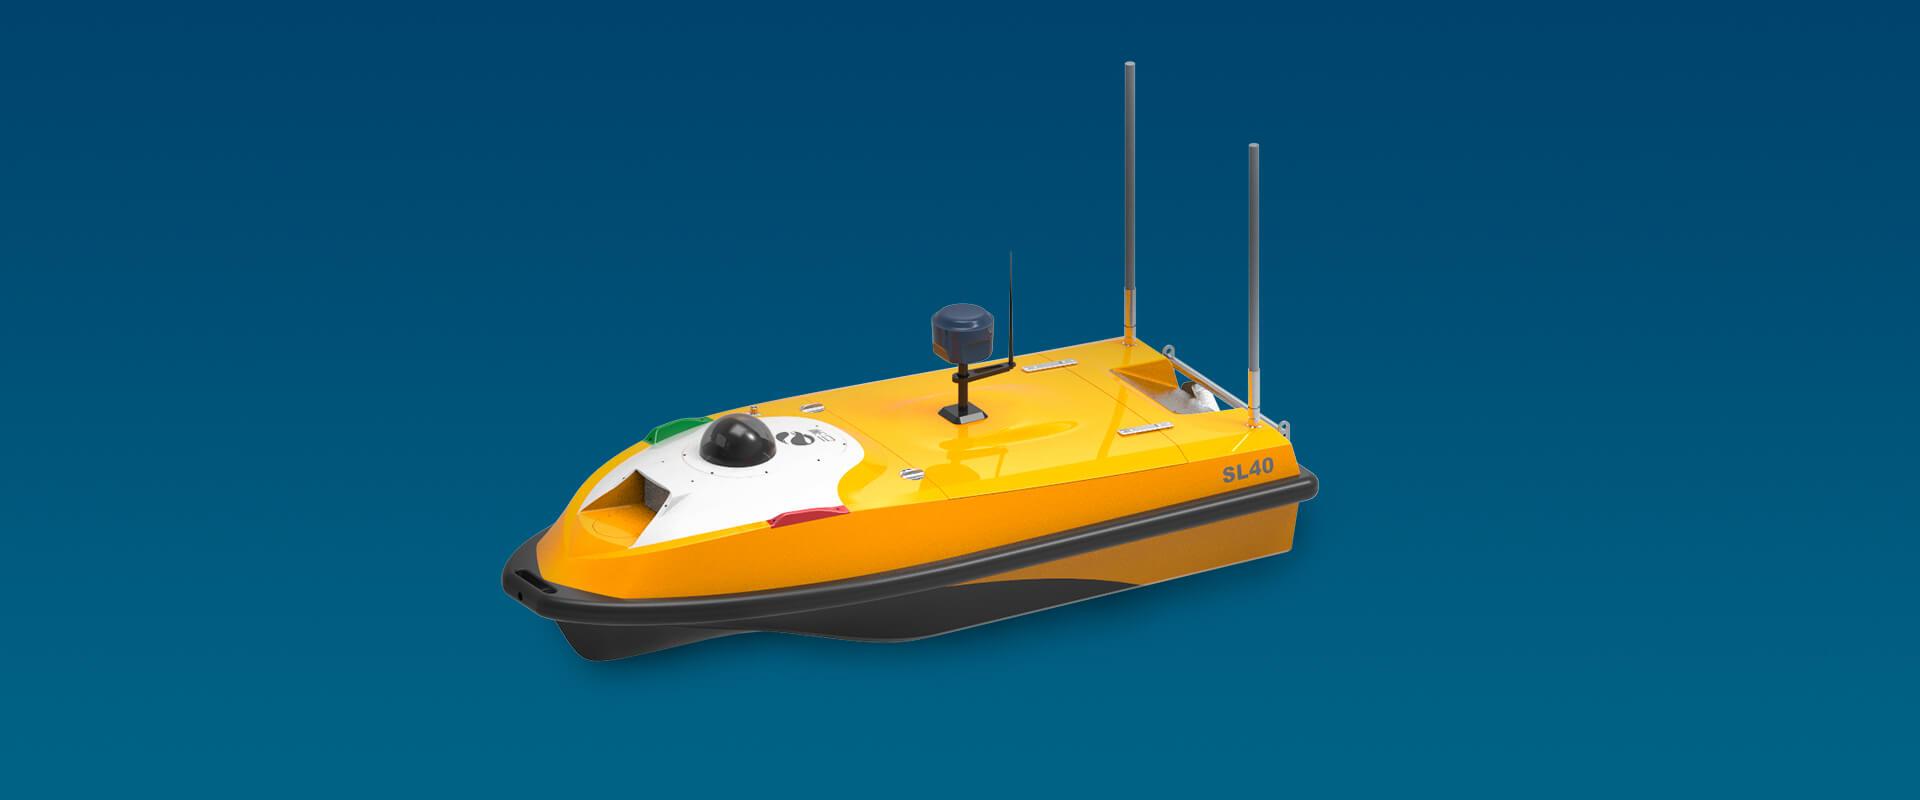 SL40 Autonomous Survey Boat image